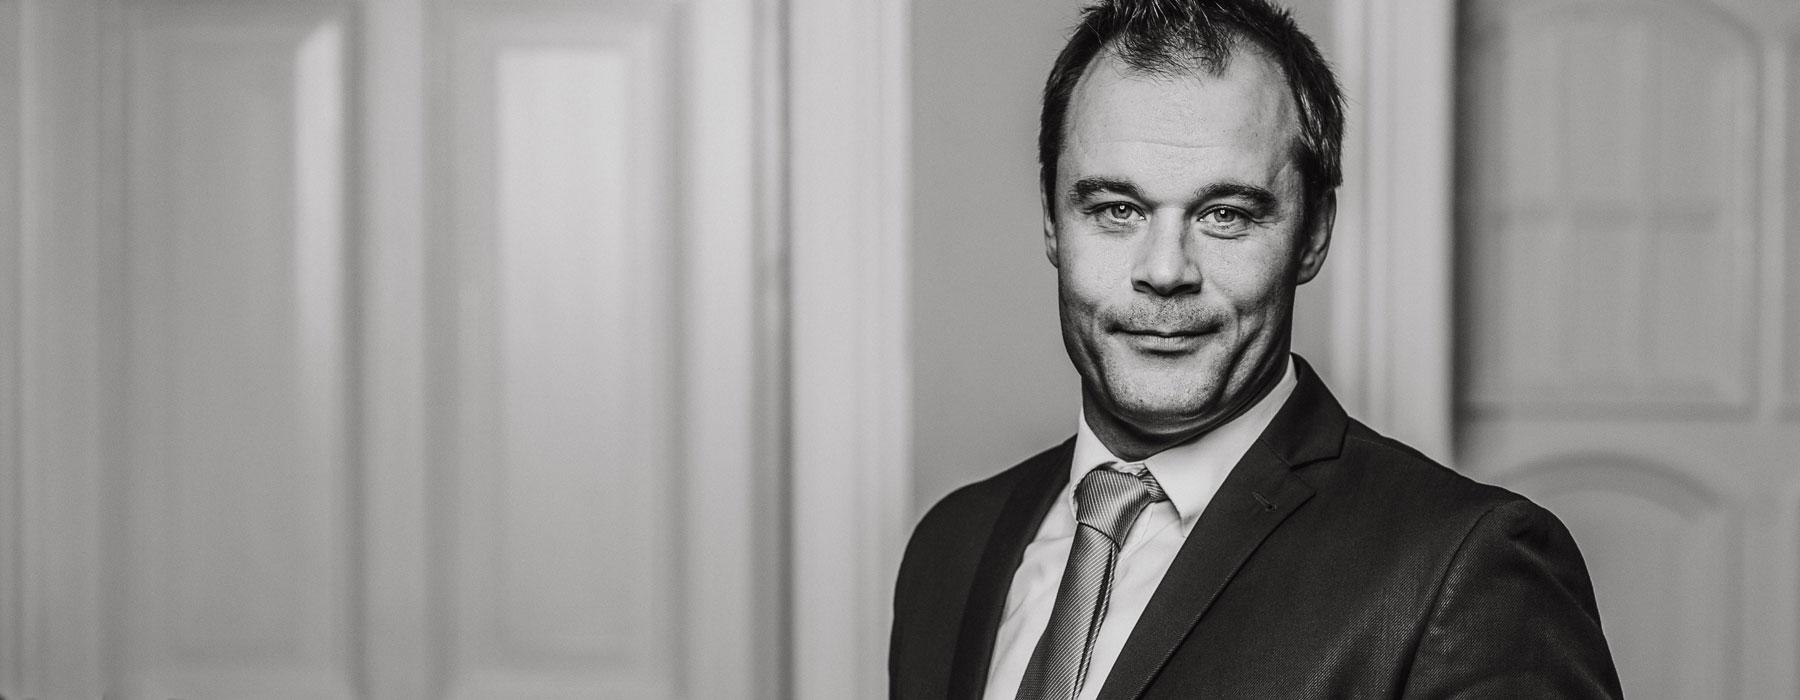 English speaking Trial Lawyer Berlin - Daniel Lehnert